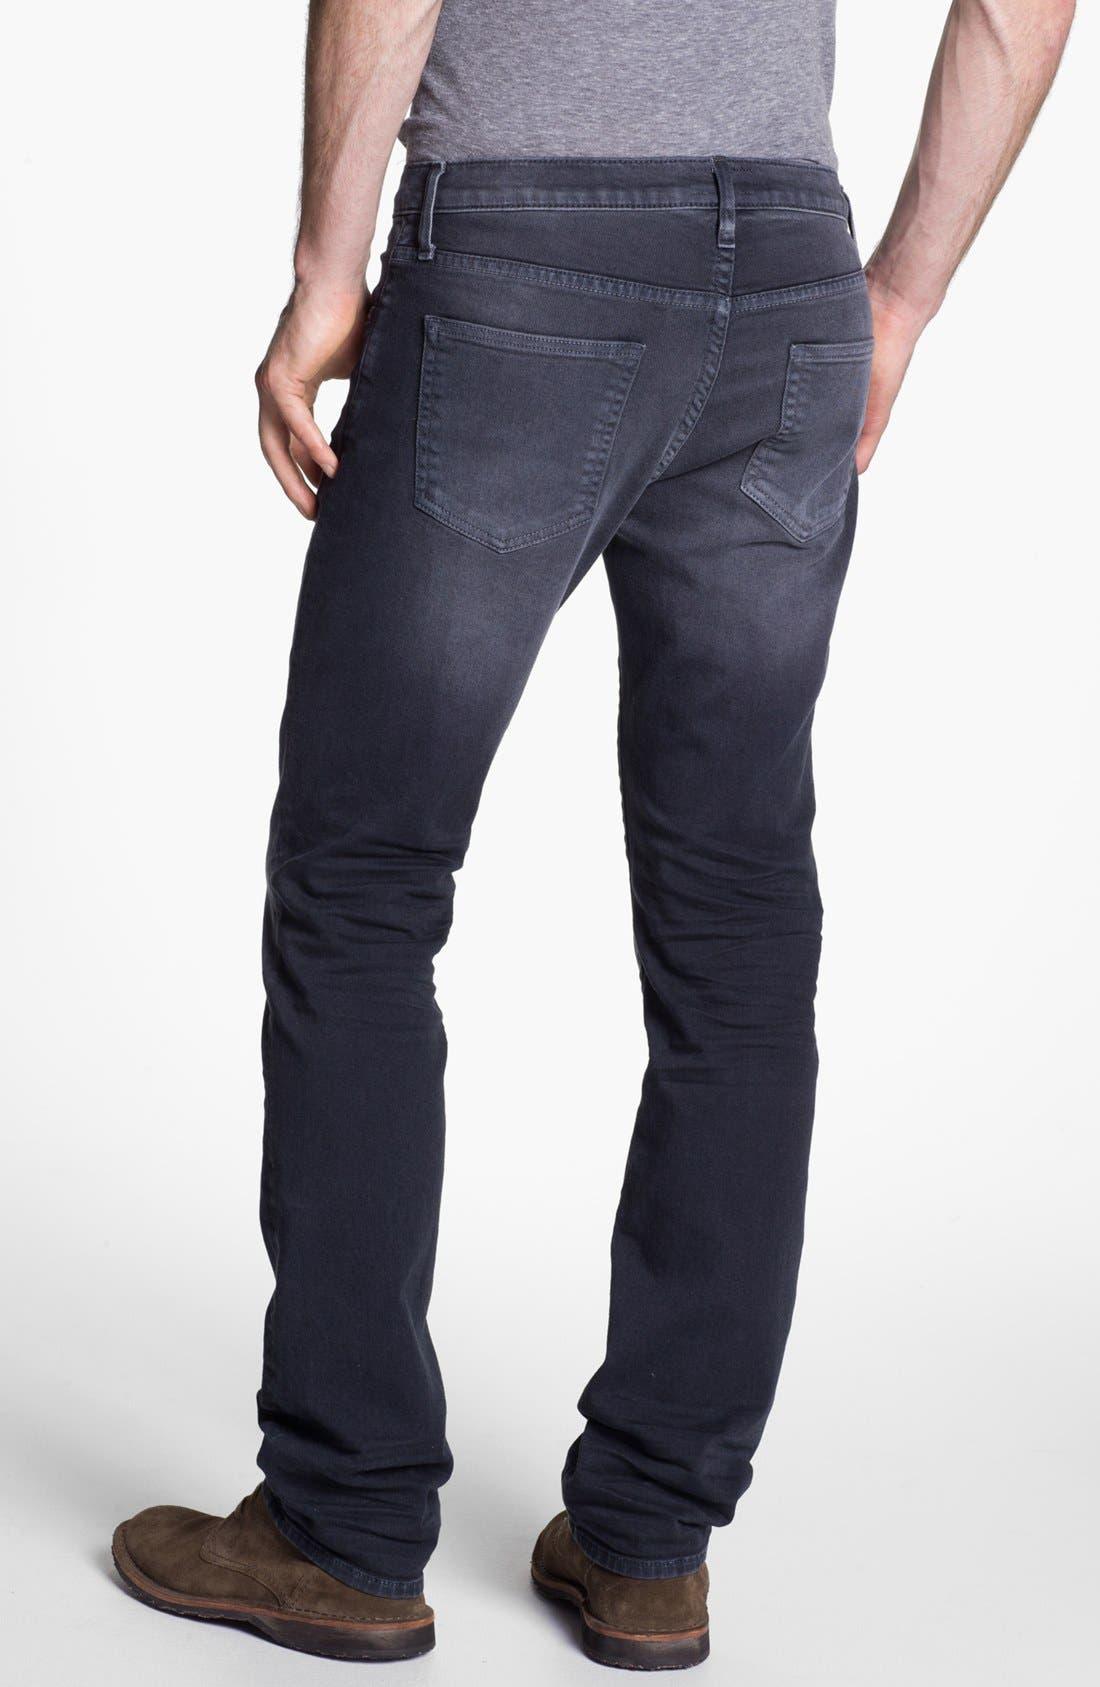 Alternate Image 1 Selected - Koral 'Los Angeles' Slim Leg Jeans (Worn Black)